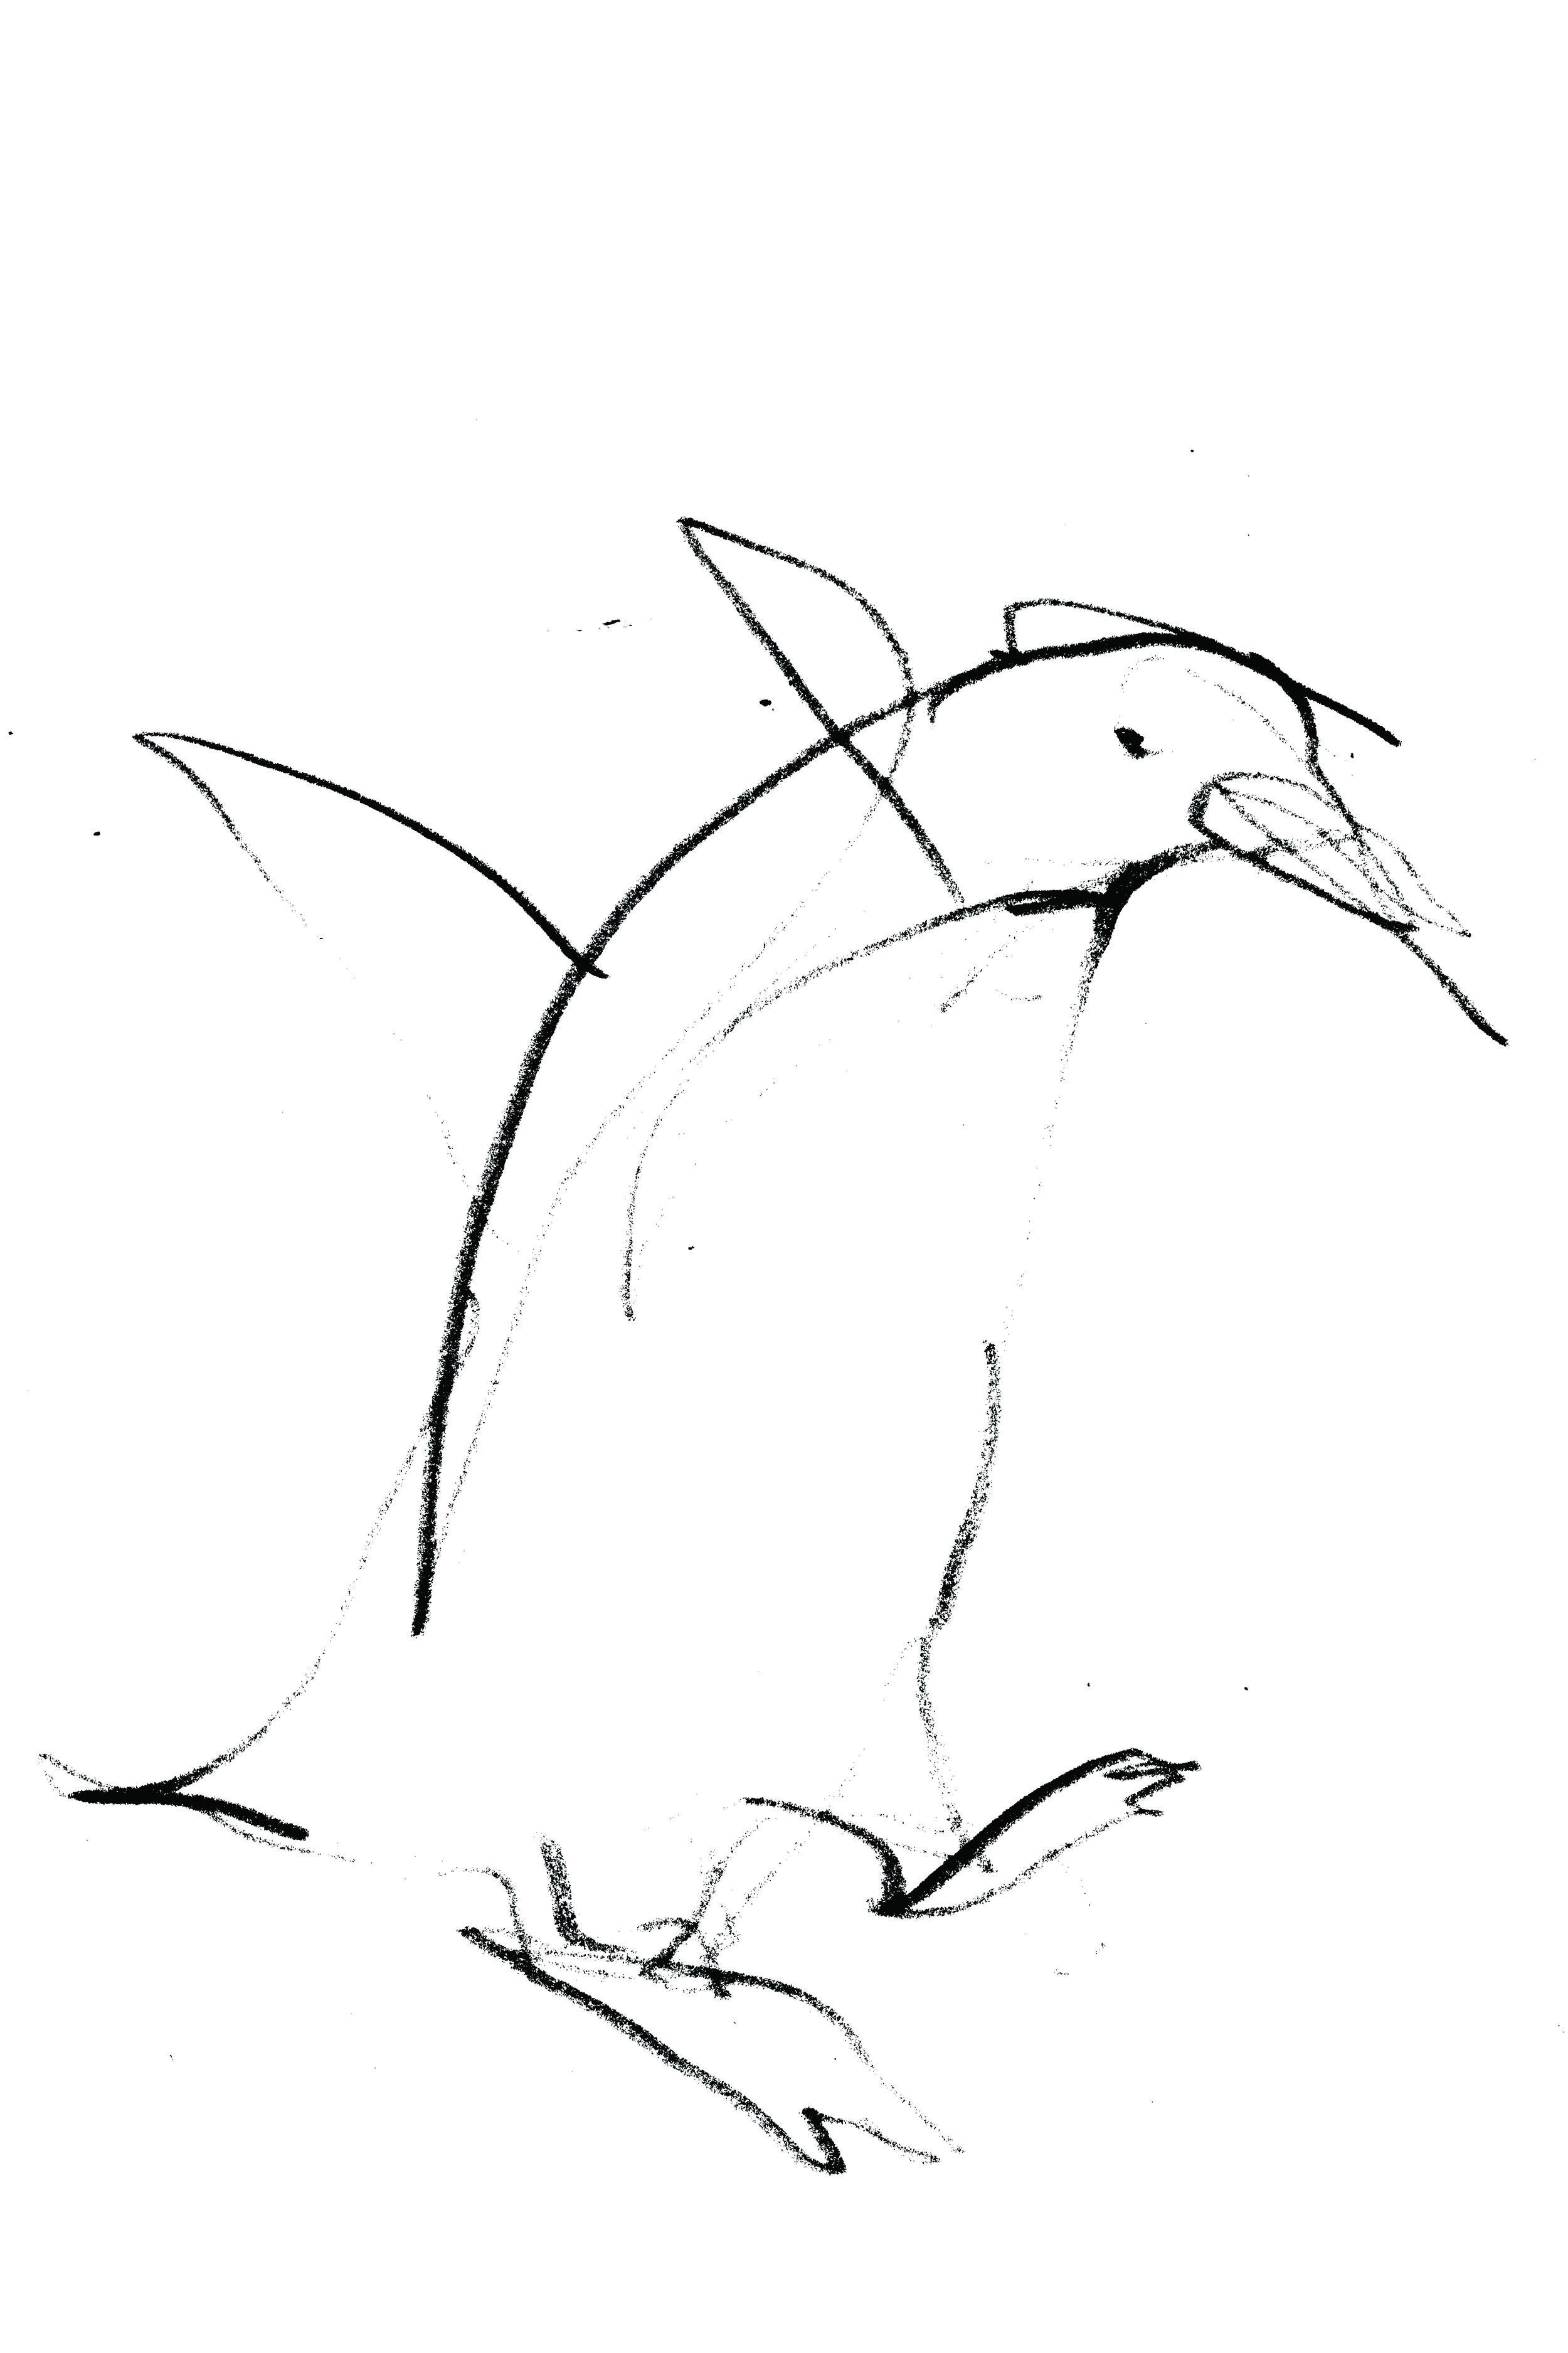 pingvin_02.jpg